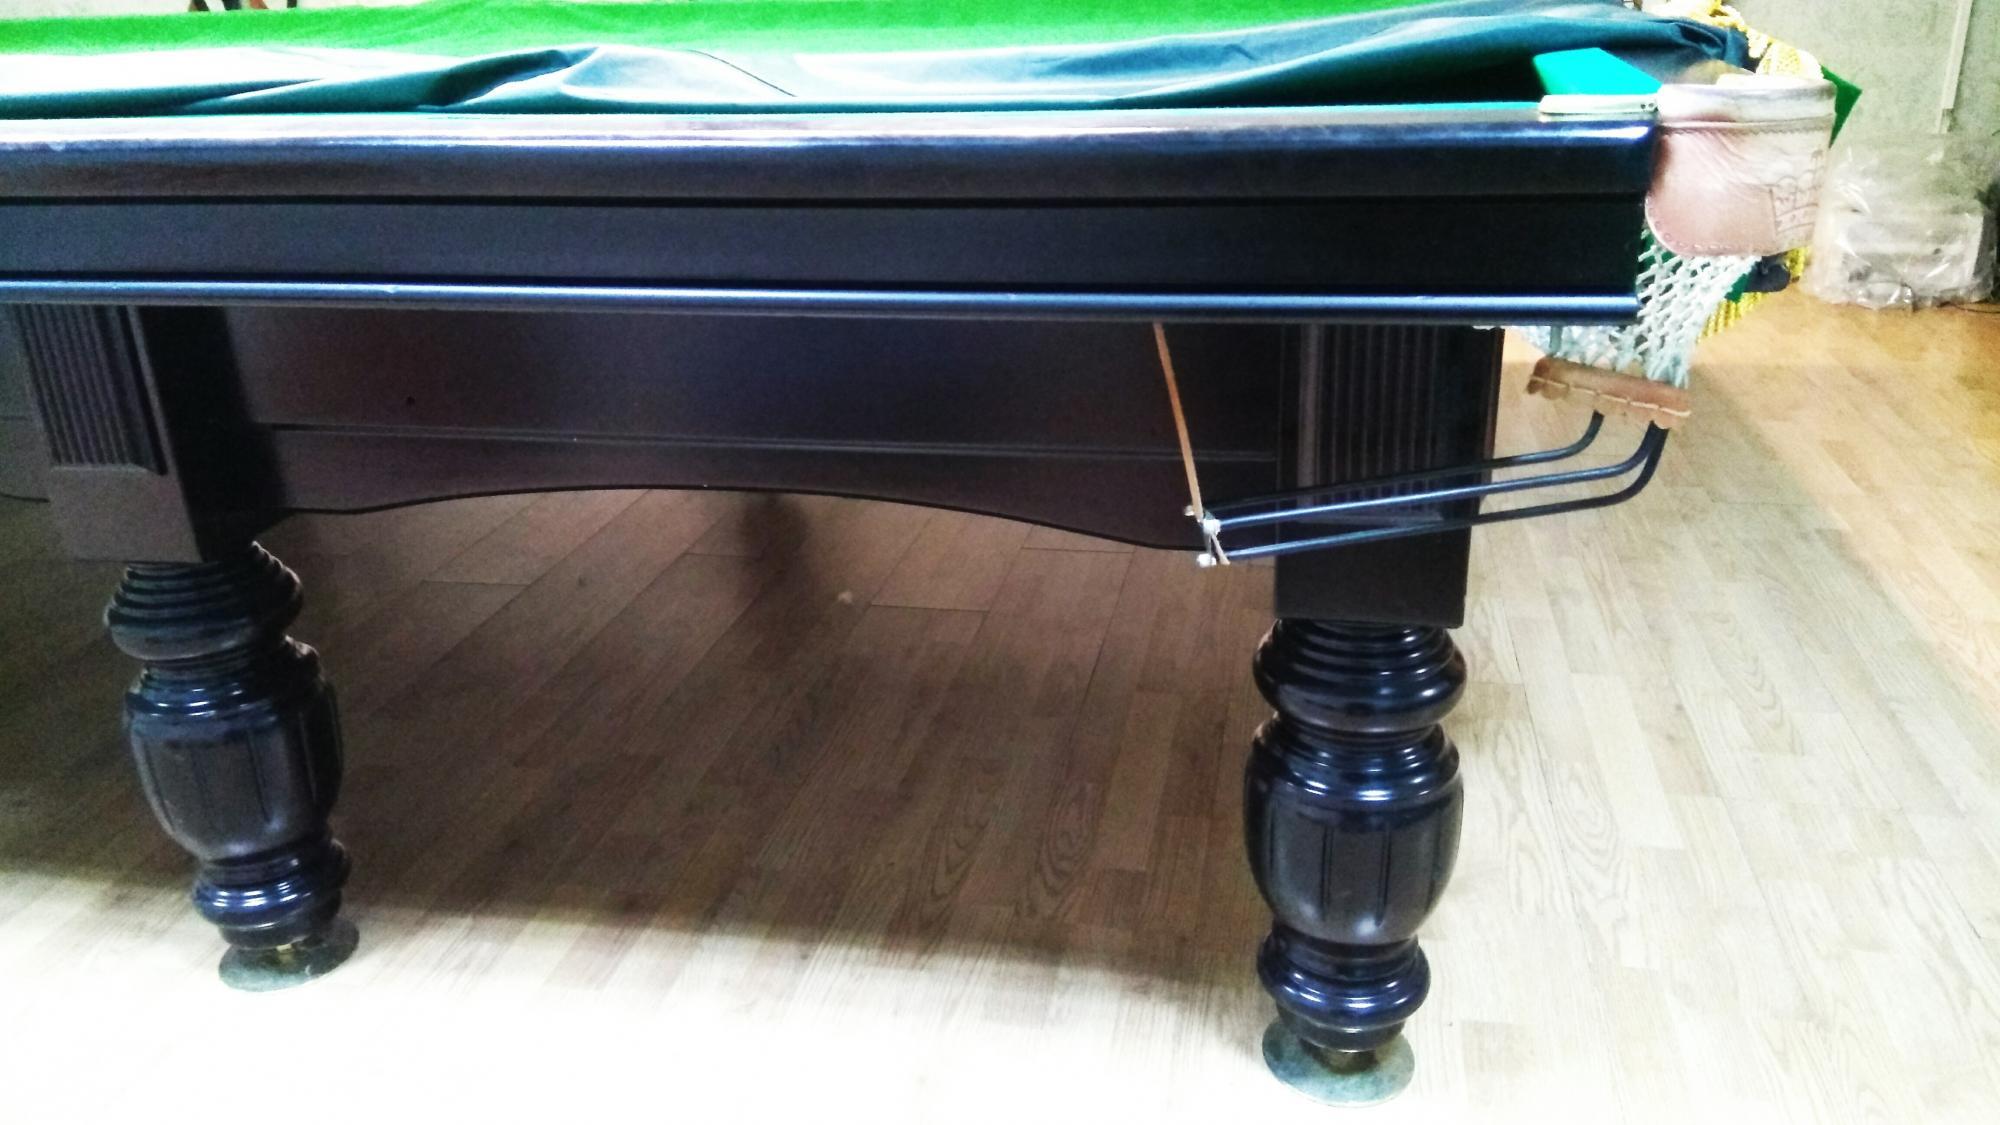 Бильярдный стол 12 футов в Москве 89895132143 купить 5